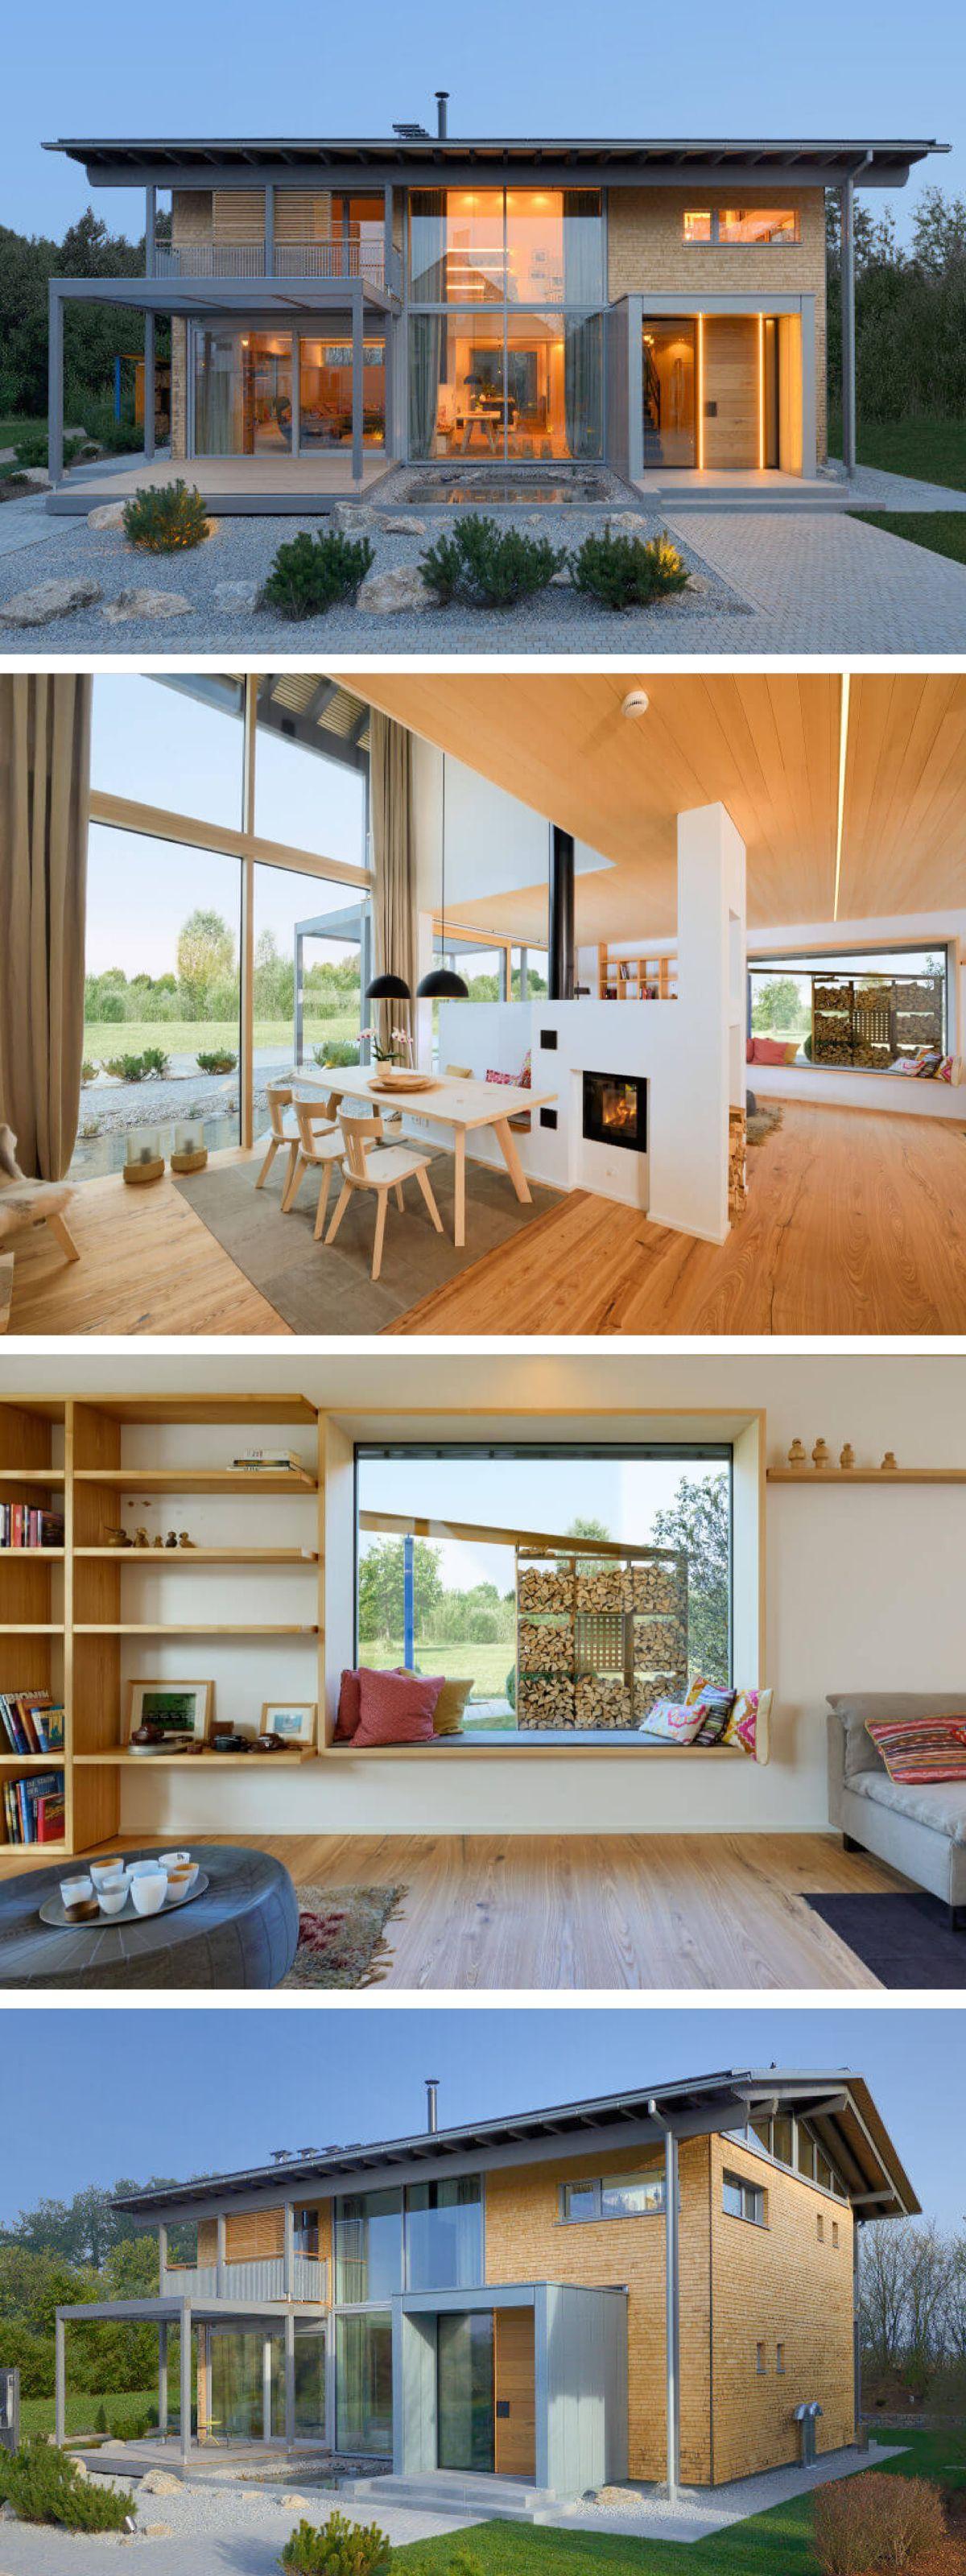 holzhaus modern im alpenstil mit galerie und satteldach architektur interior design haus. Black Bedroom Furniture Sets. Home Design Ideas